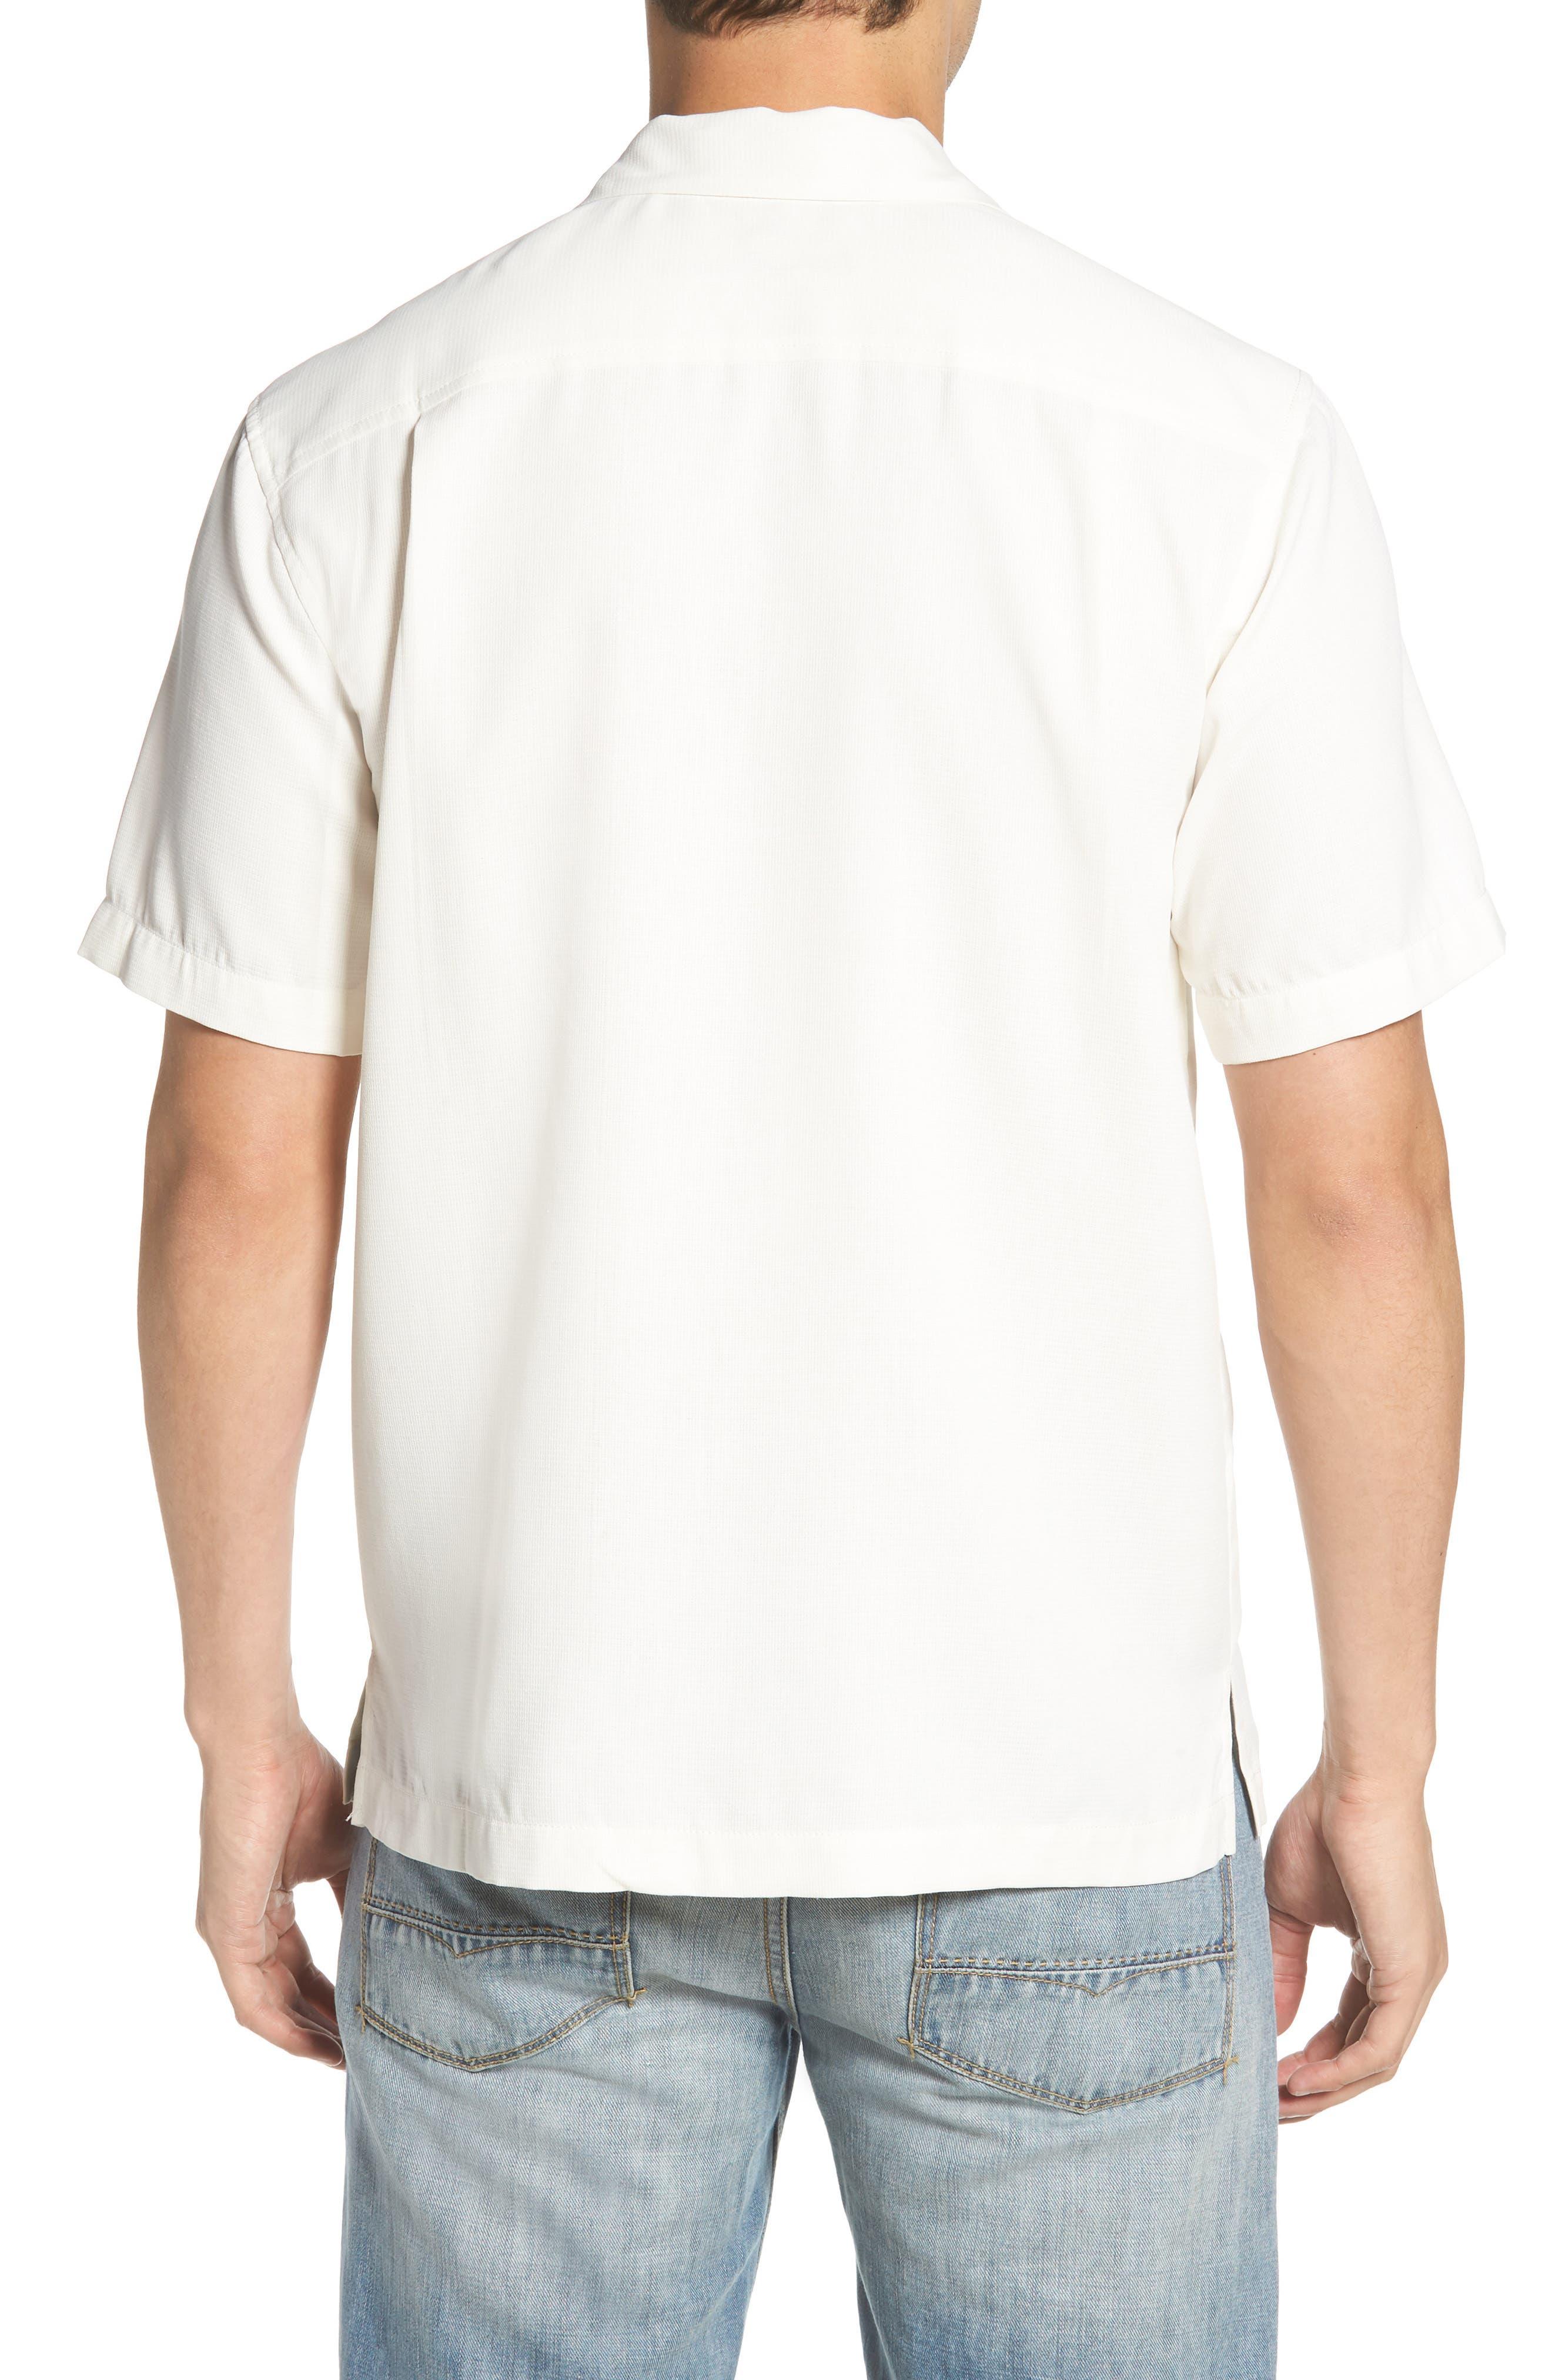 TOMMY BAHAMA,                             Royal Bermuda Silk Blend Camp Shirt,                             Alternate thumbnail 2, color,                             CONTINENTAL